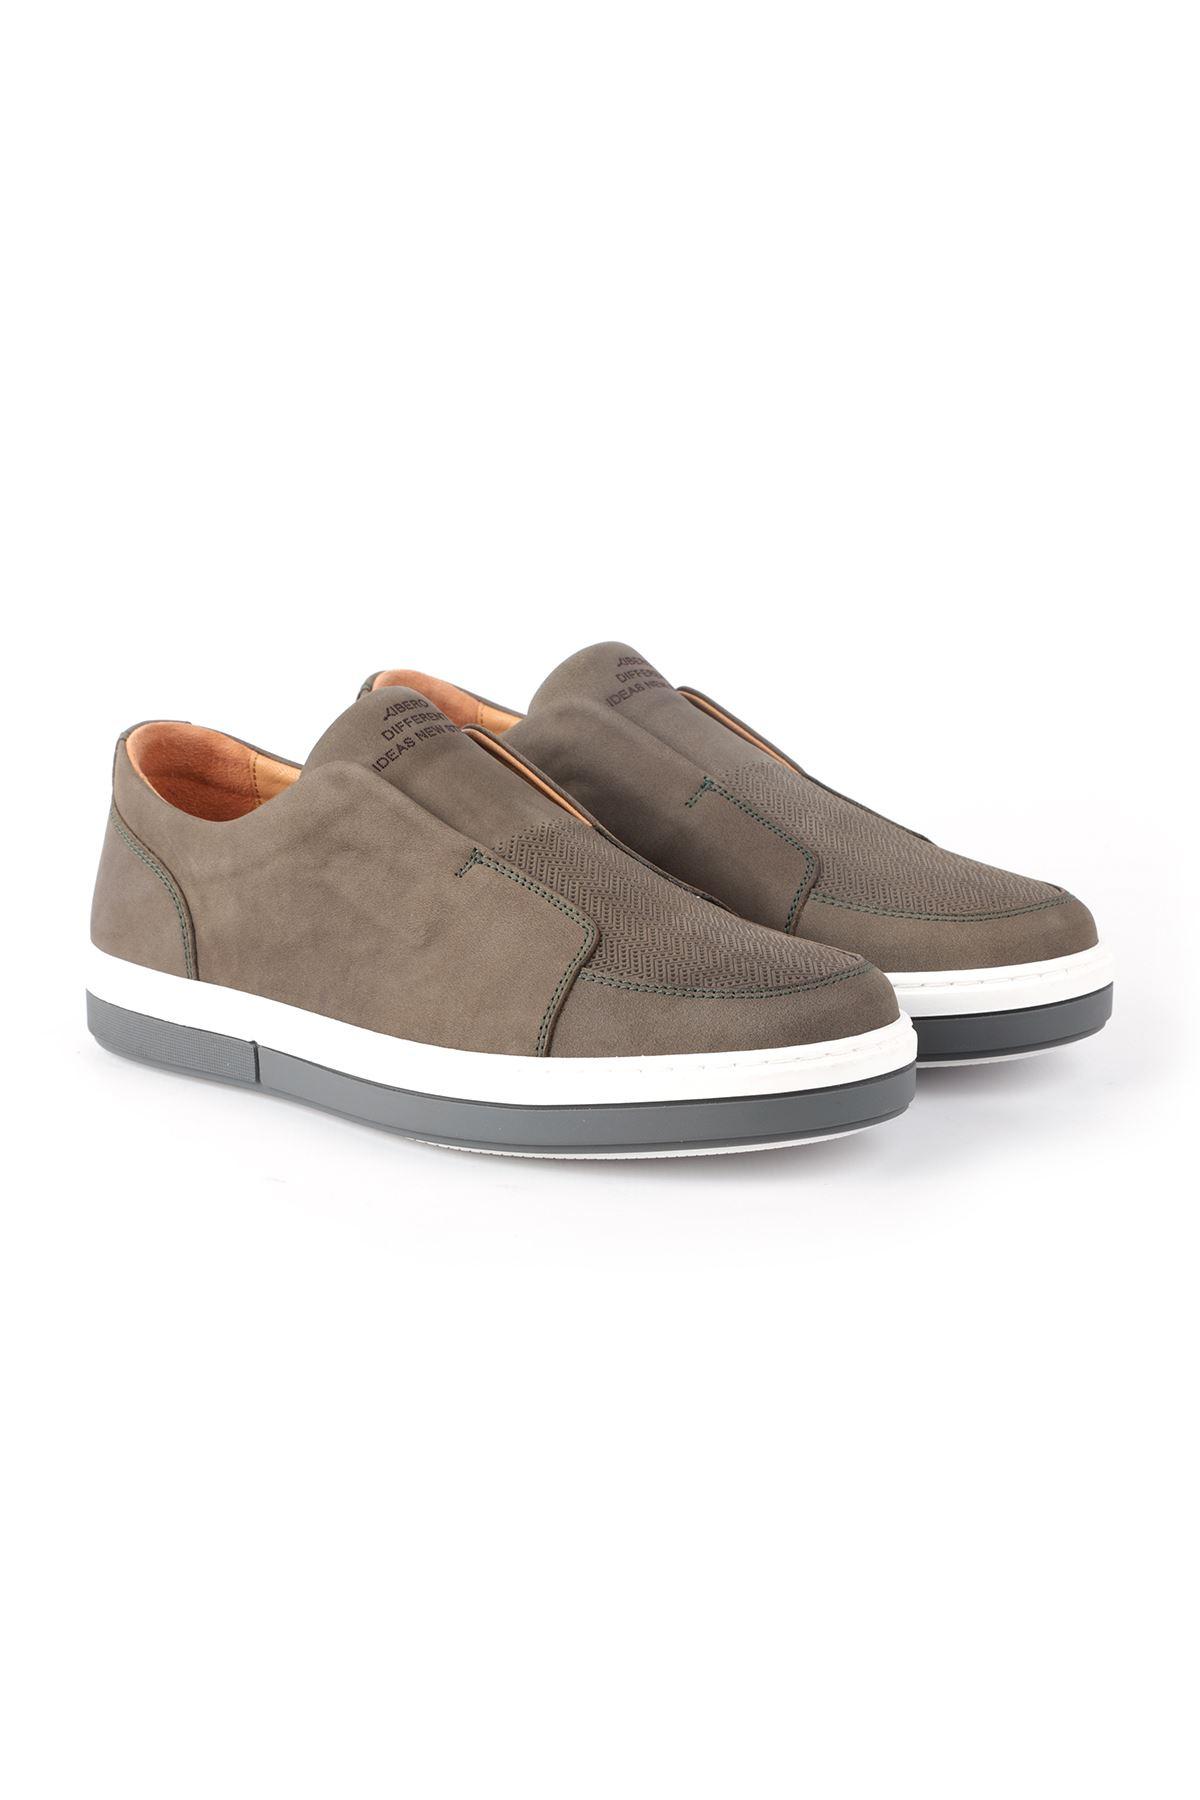 Libero L3680 Haki Spor Erkek Ayakkabı